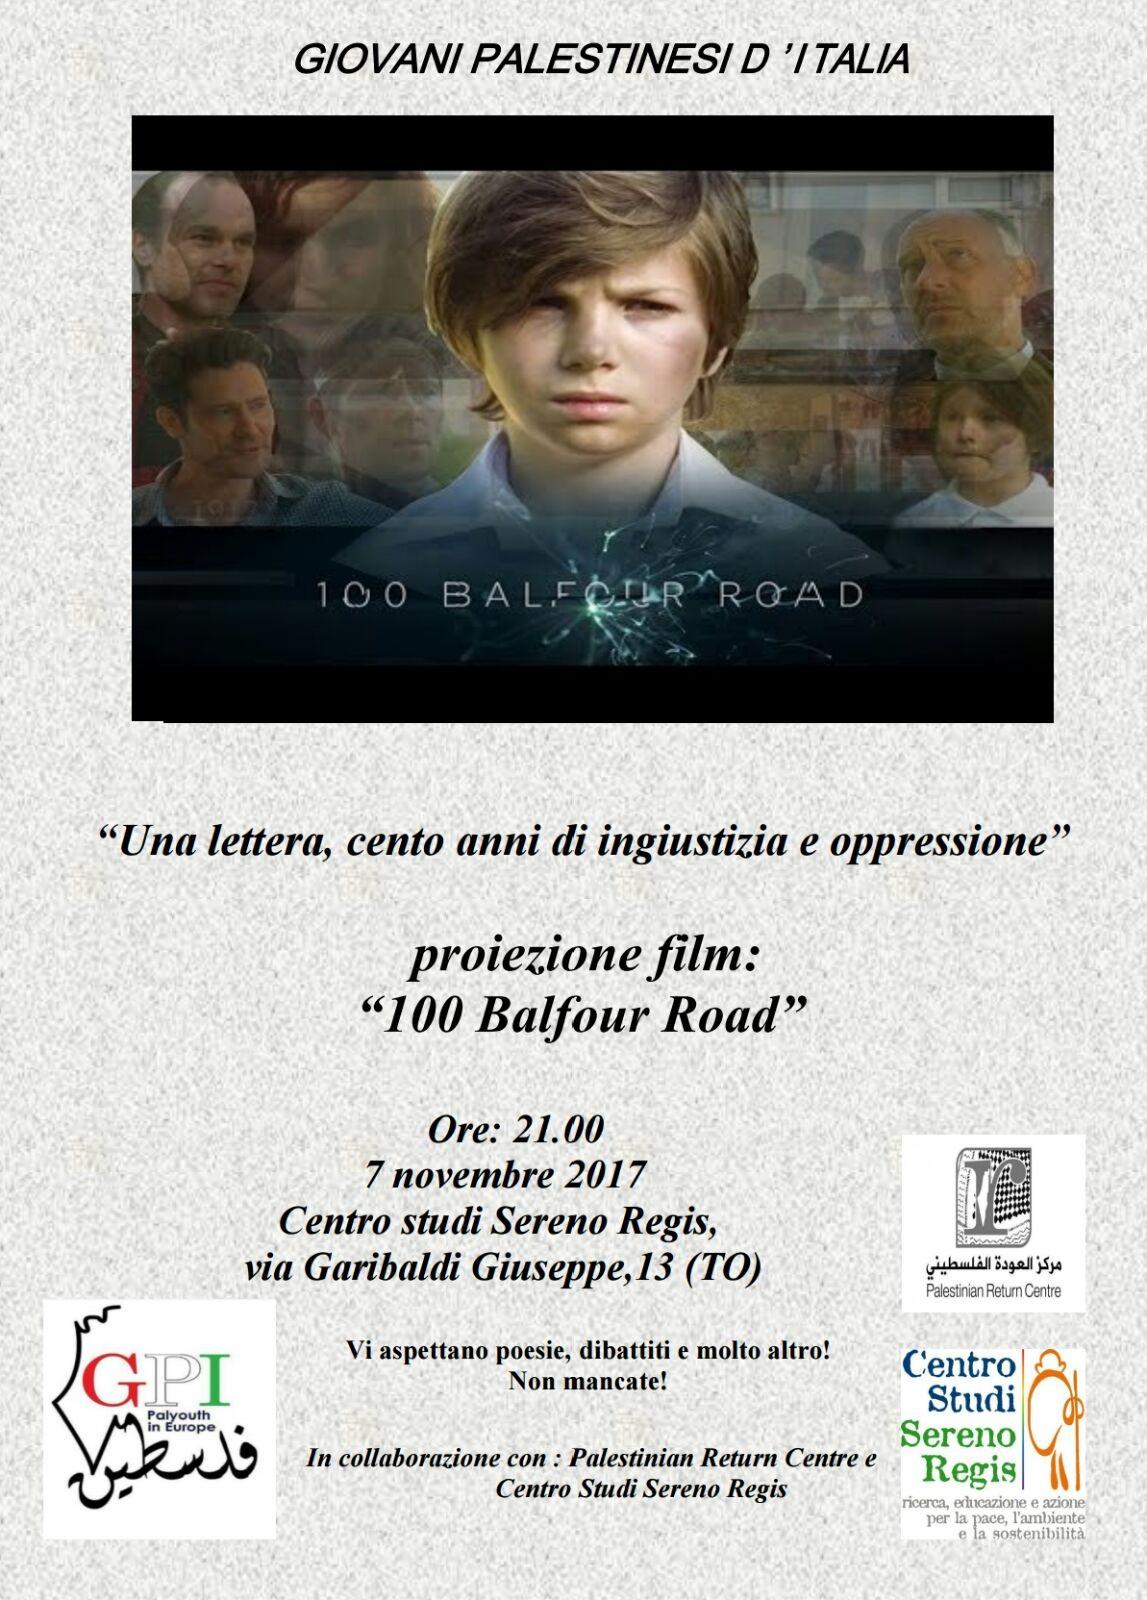 """GPI a Torino: """"Una lettera, 100 anni ingiustizia e oppressione"""""""